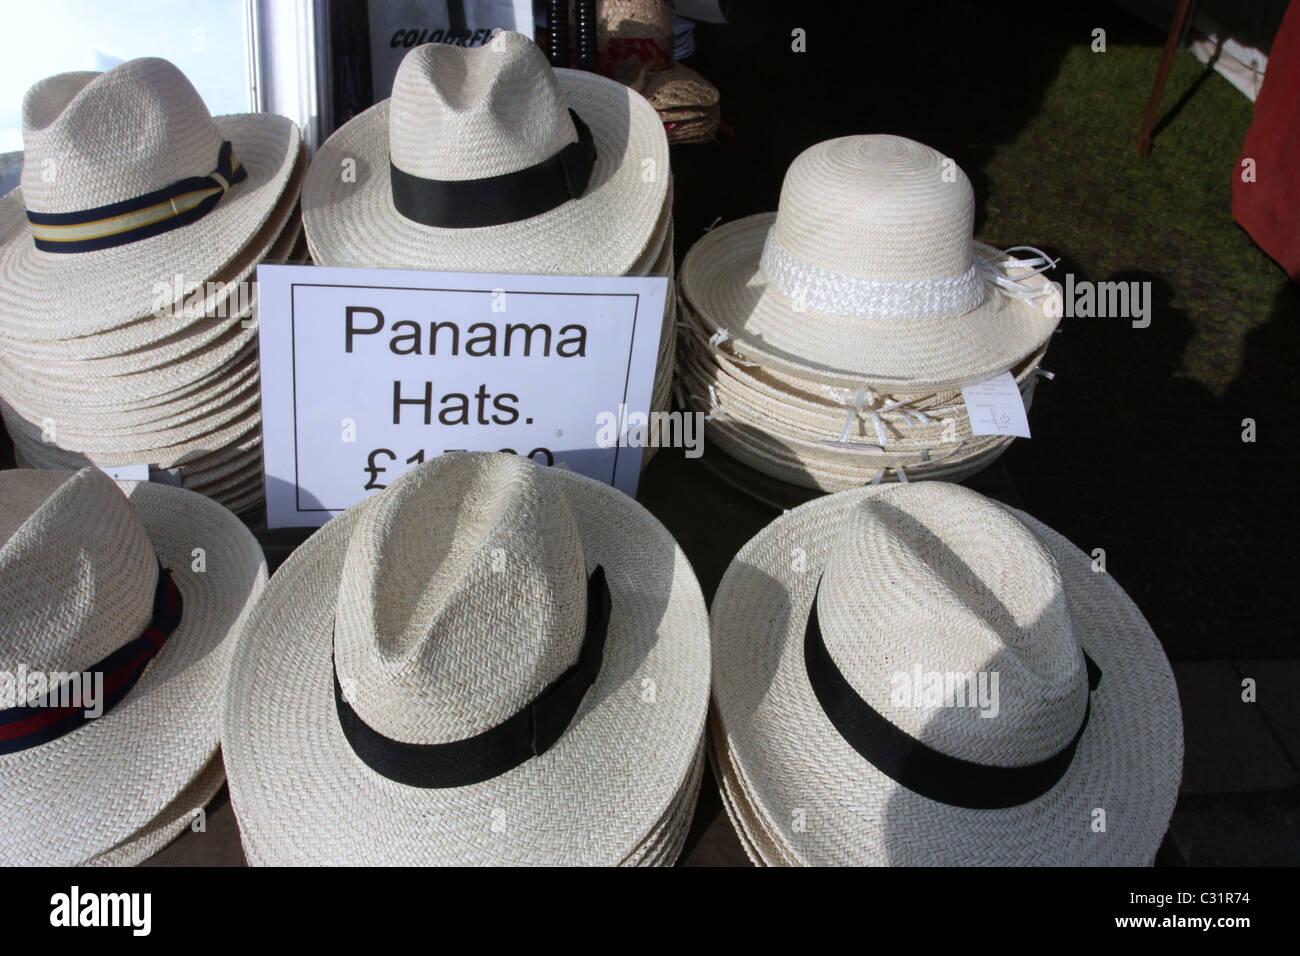 bc269e8256216 Una mujer intenta en Panamá o jipijapa sombrero en una pequeña tienda en  becal